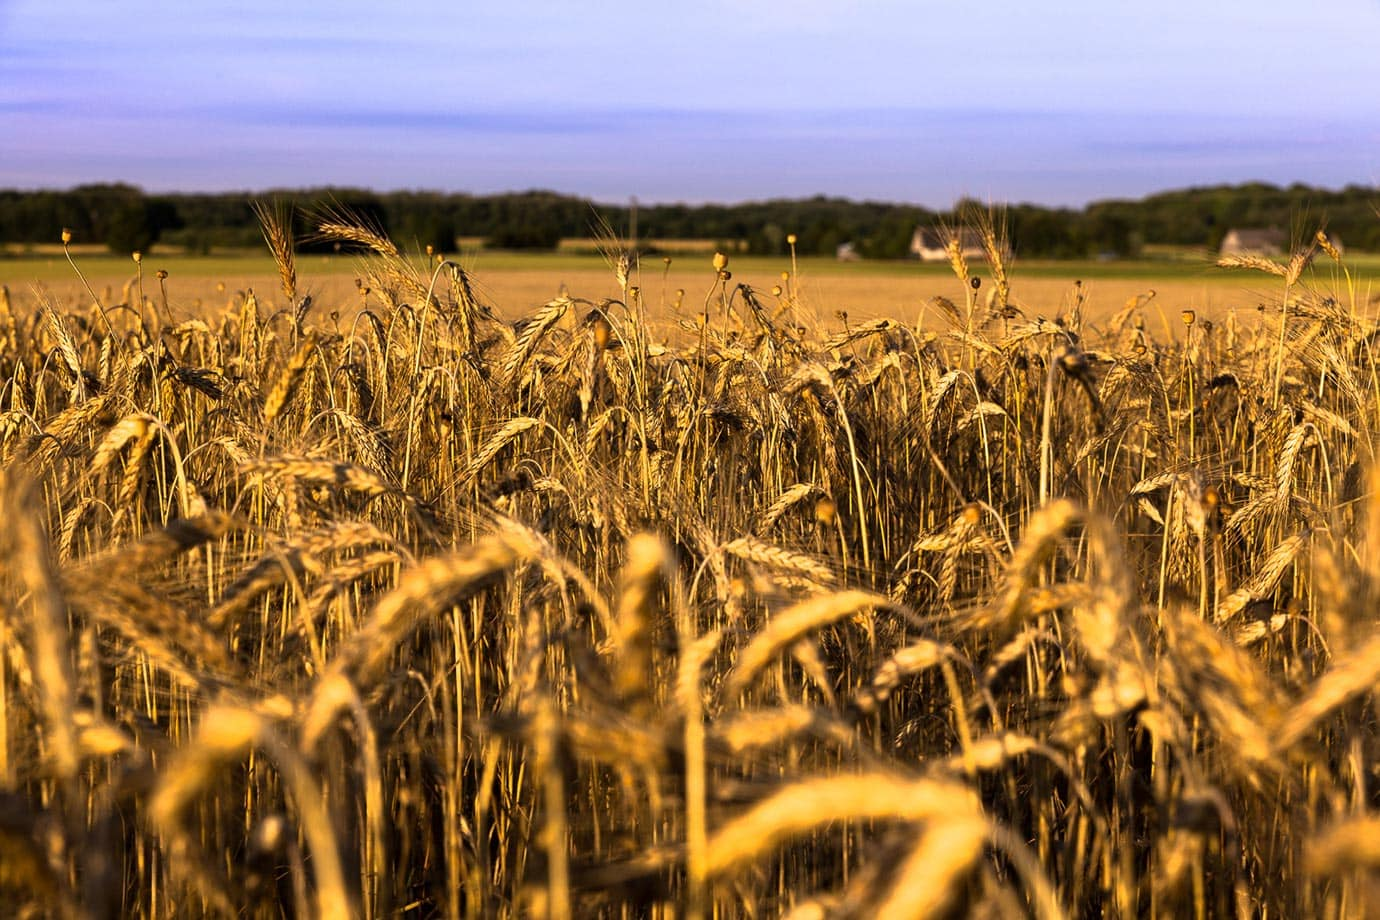 Wheat field in Estonia